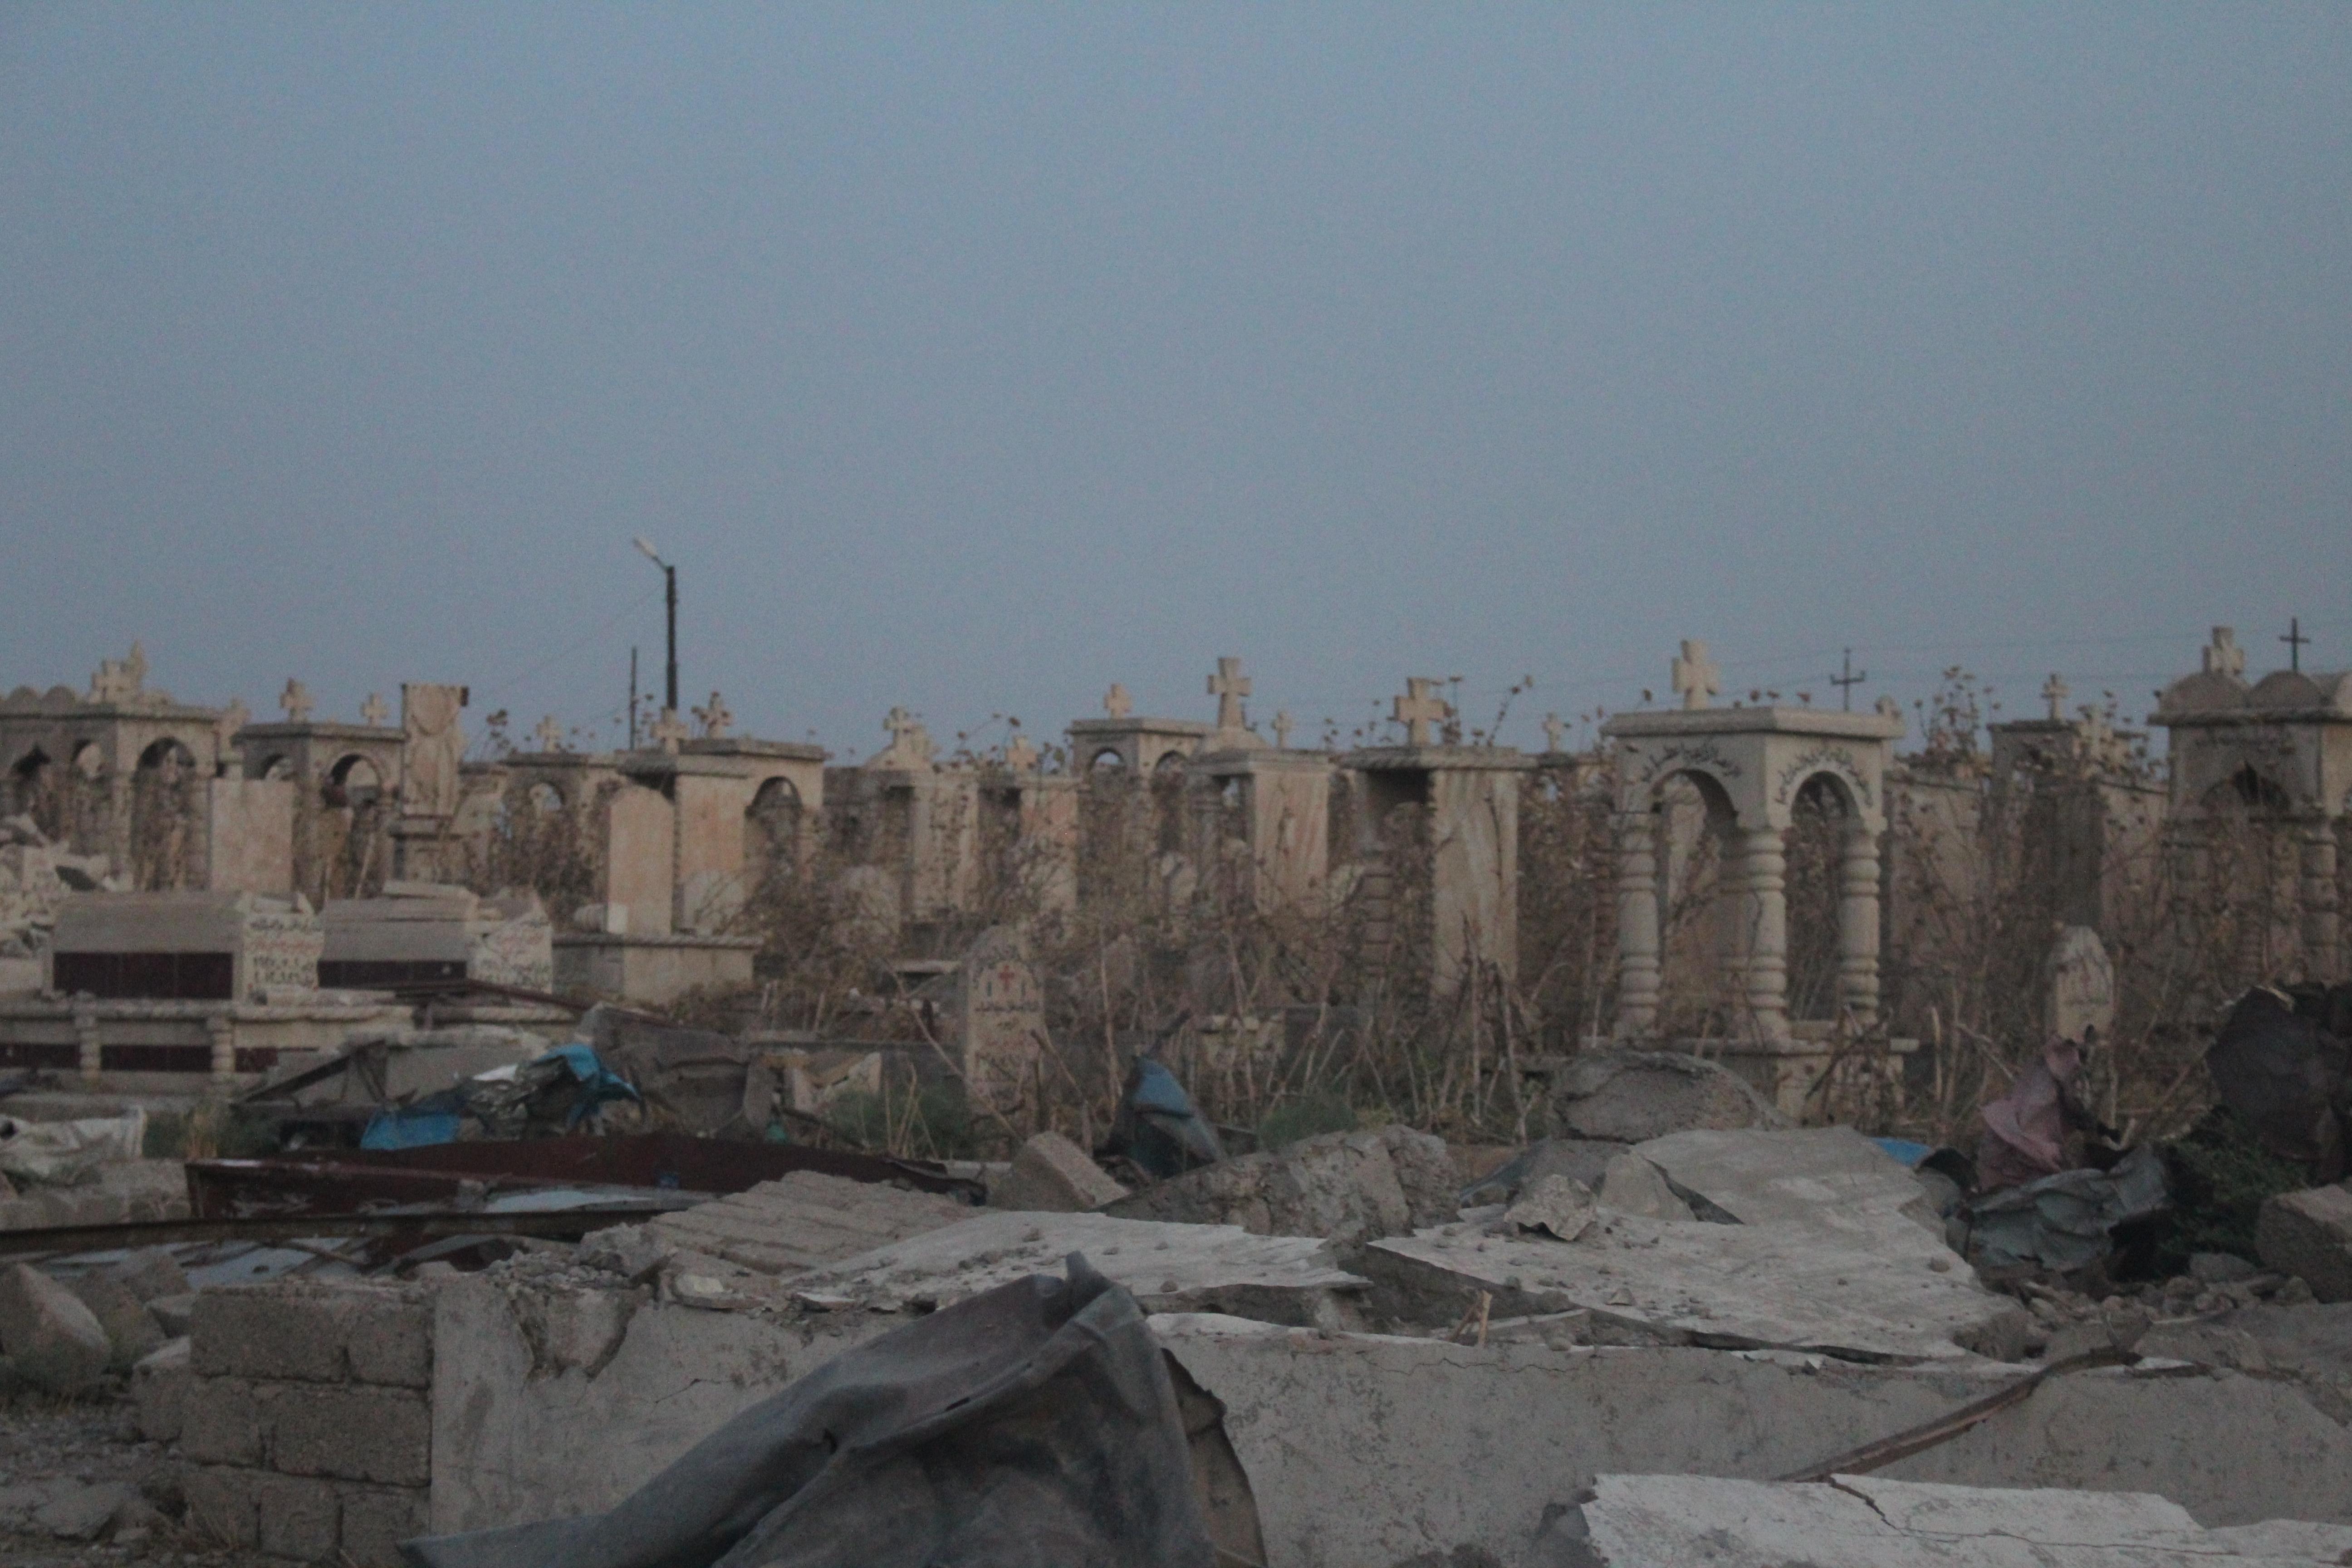 Le village de Telskuf sous les décombres, fut occupé par Daesh il y a quelques mois. © Sylvain Dorient